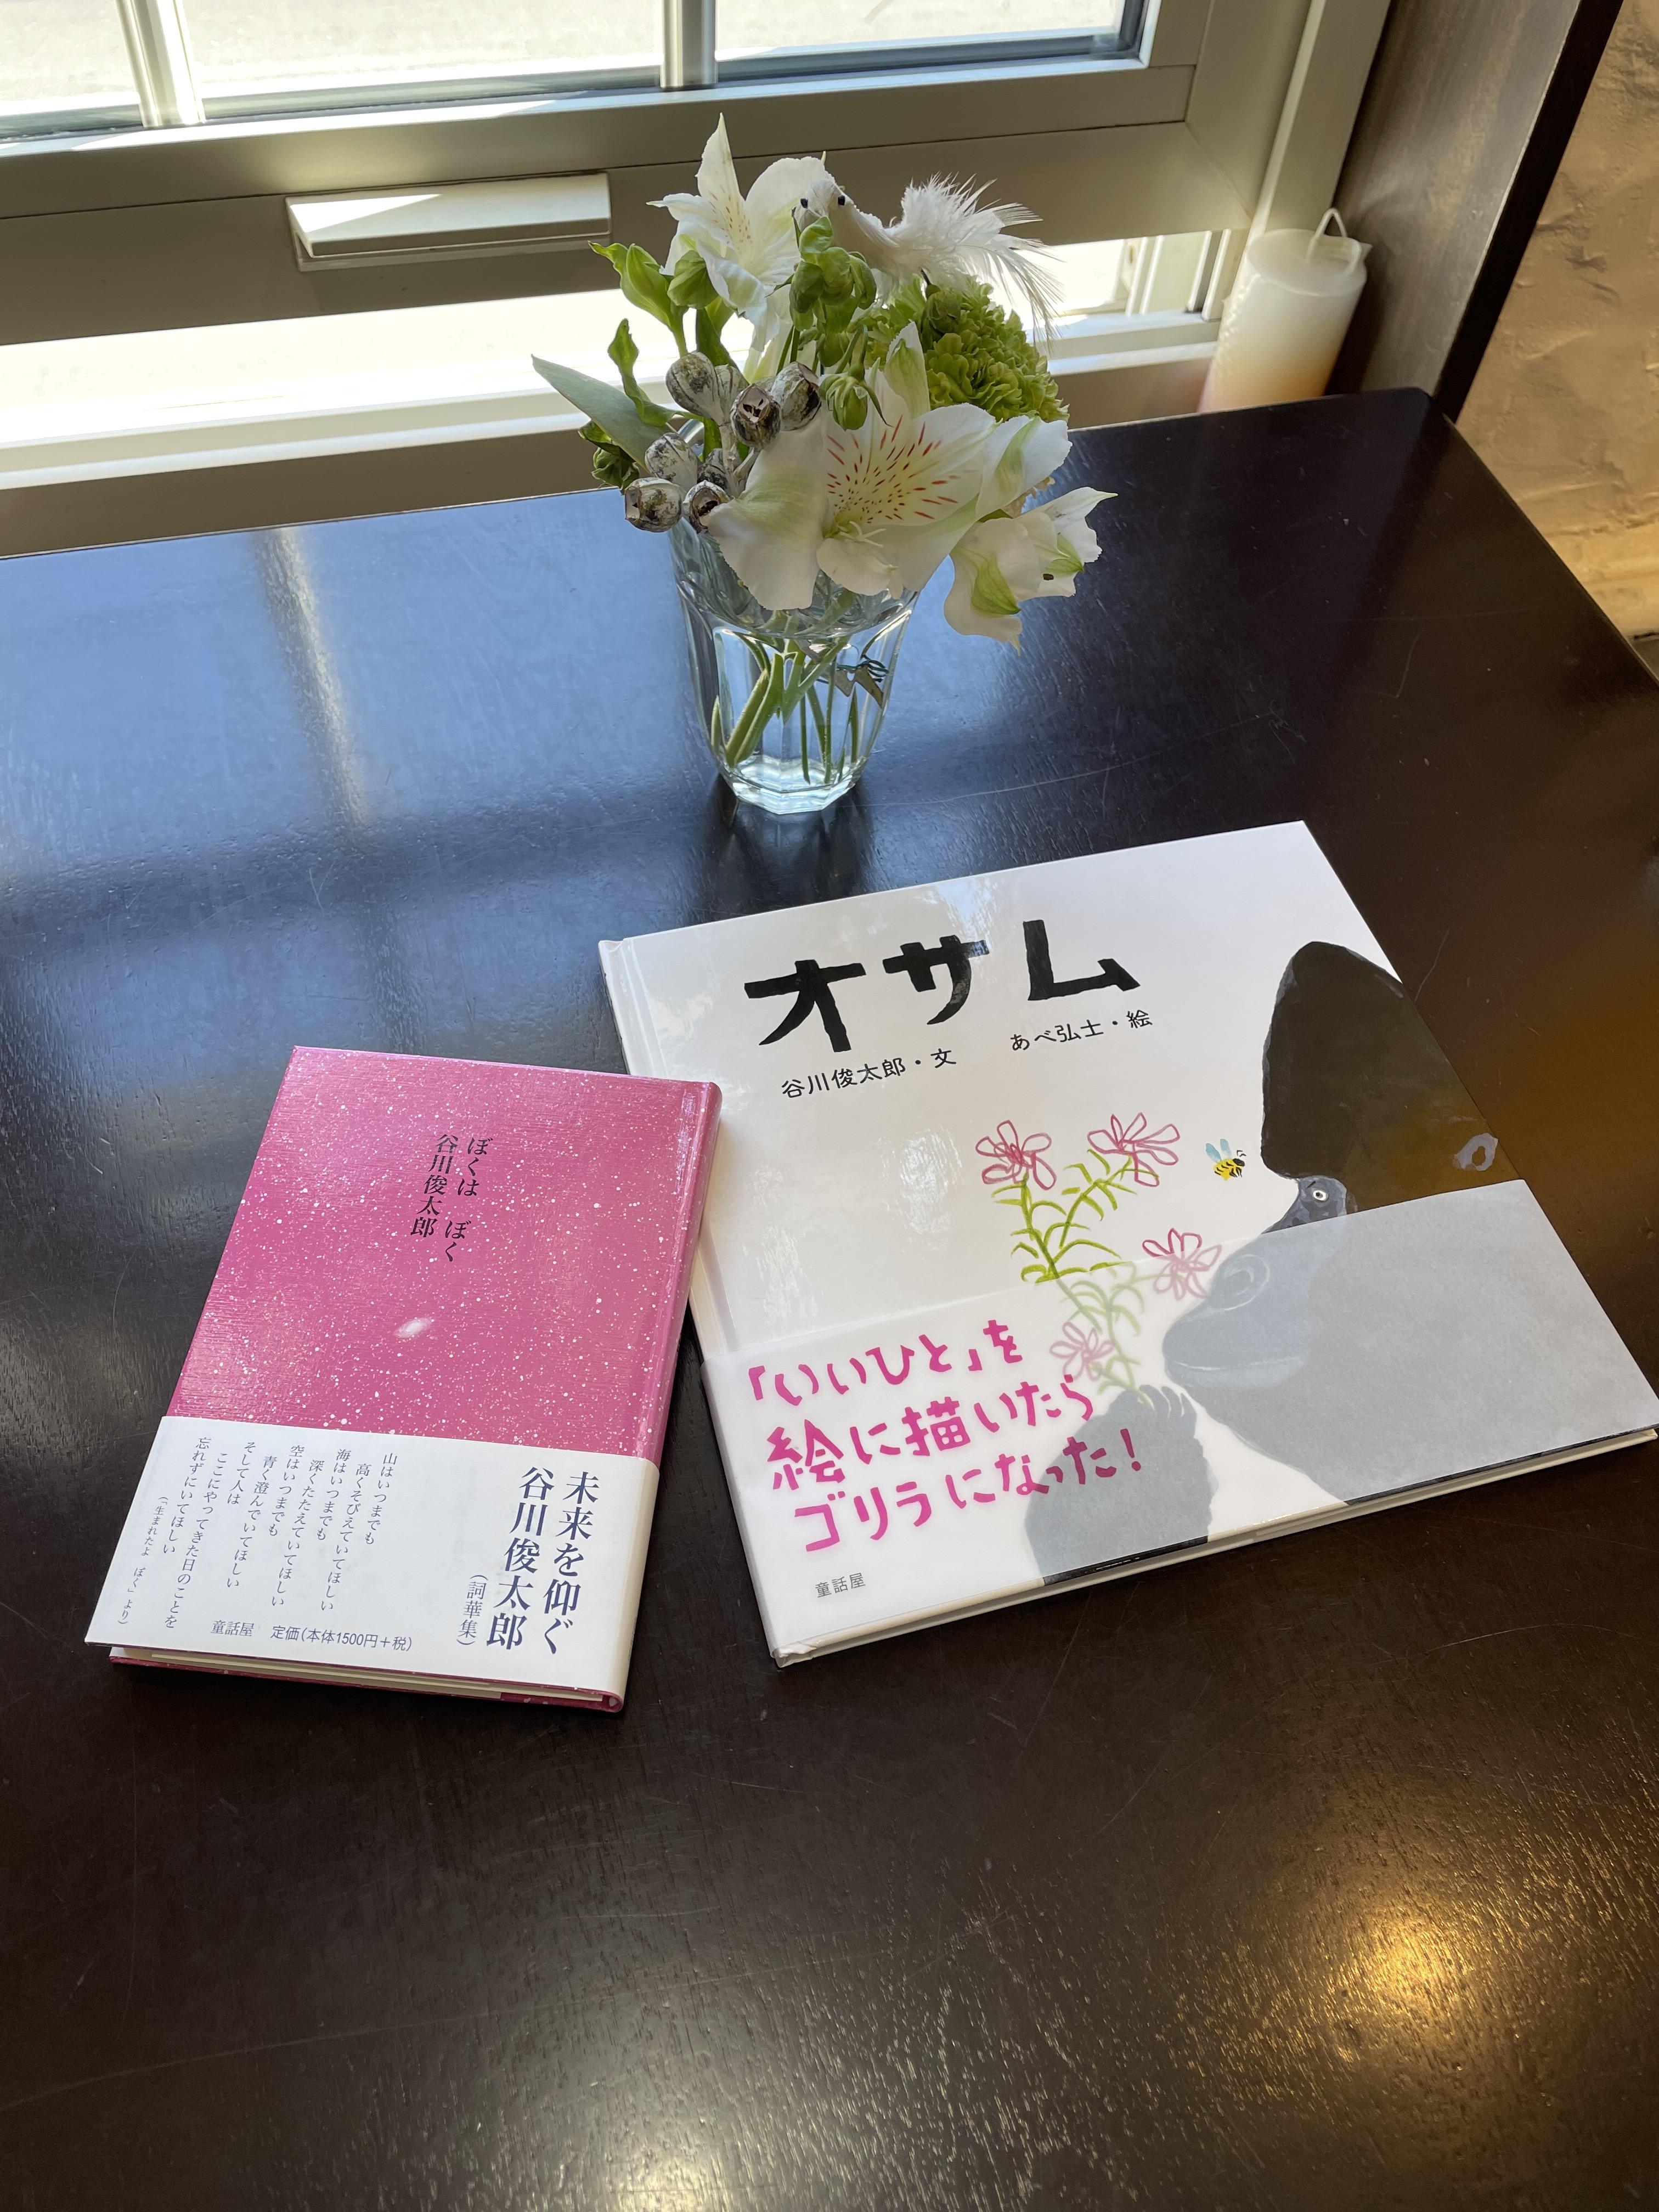 谷川俊太郎さん・あべ弘士さん新作絵本『オサム』が届きました!